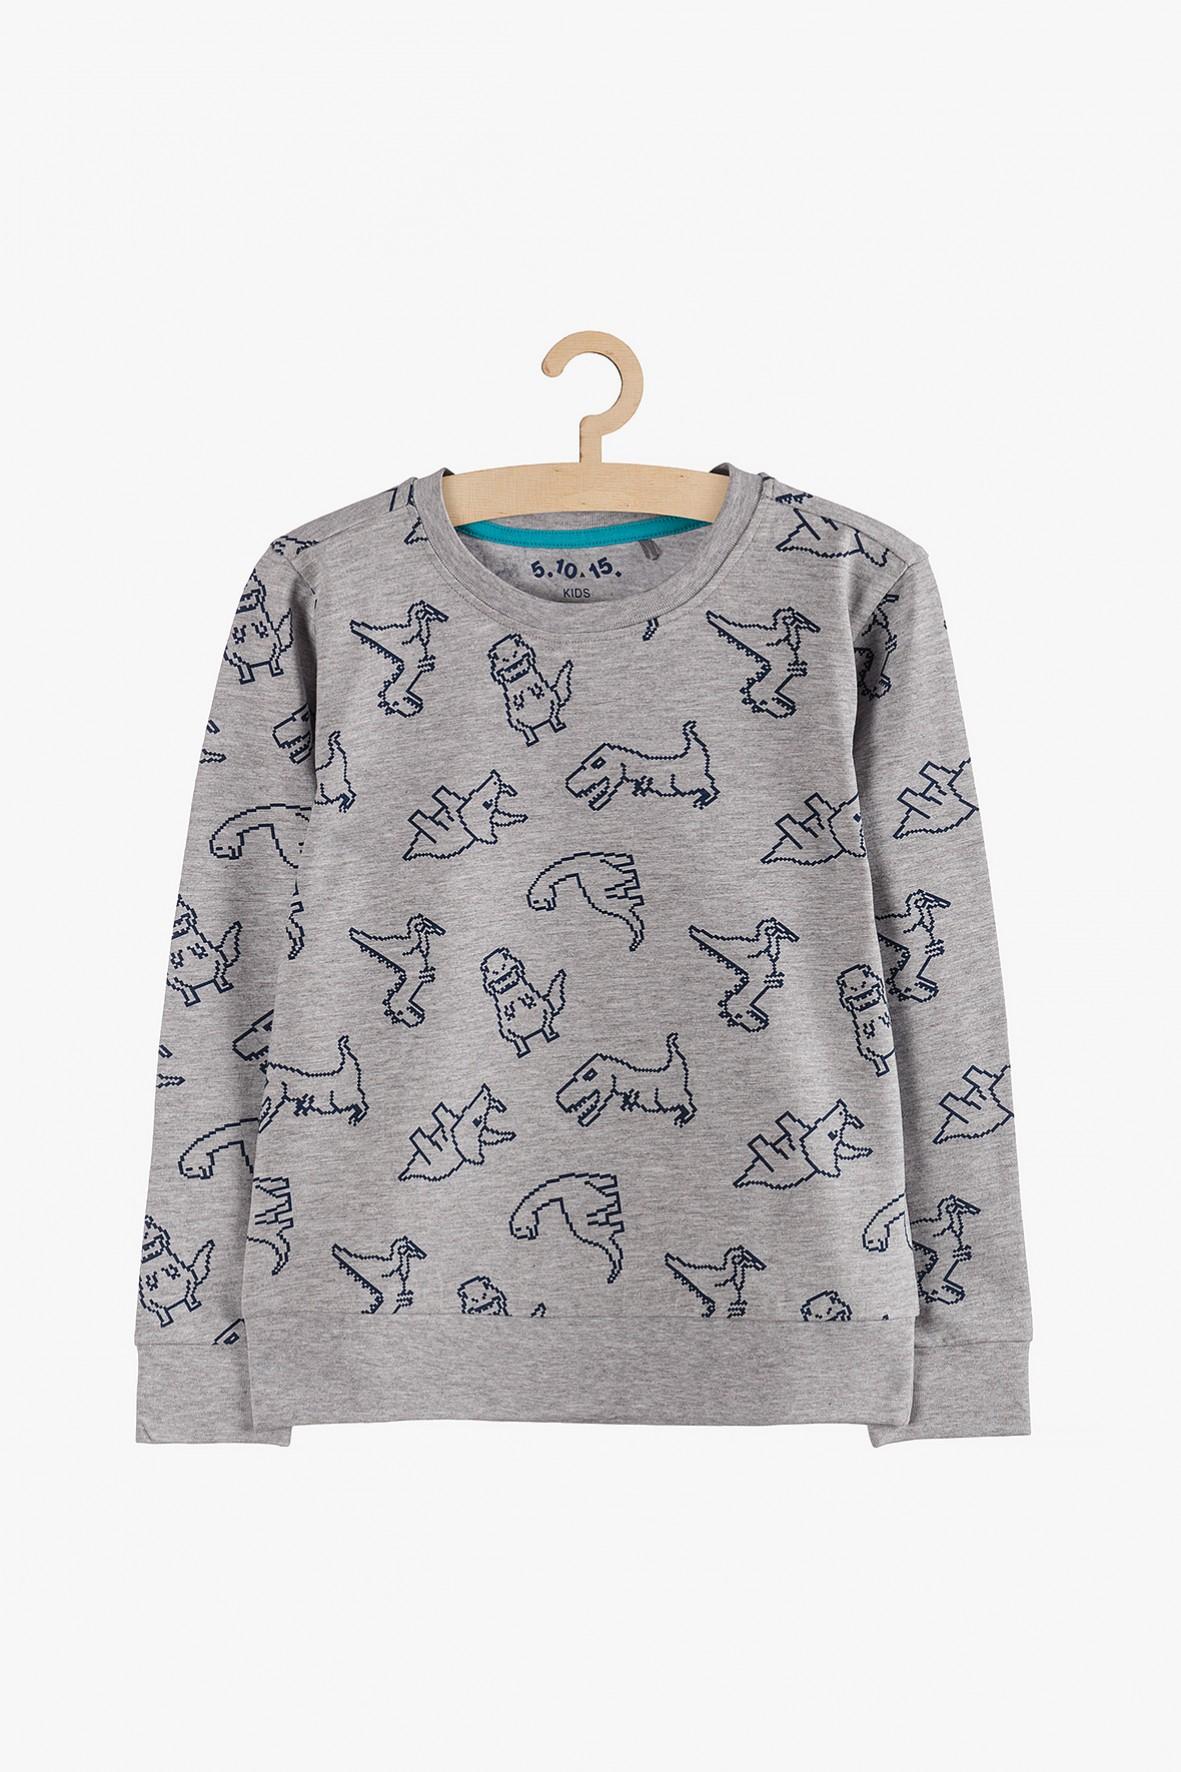 Bluzka chłopięca szara z dinozaurami